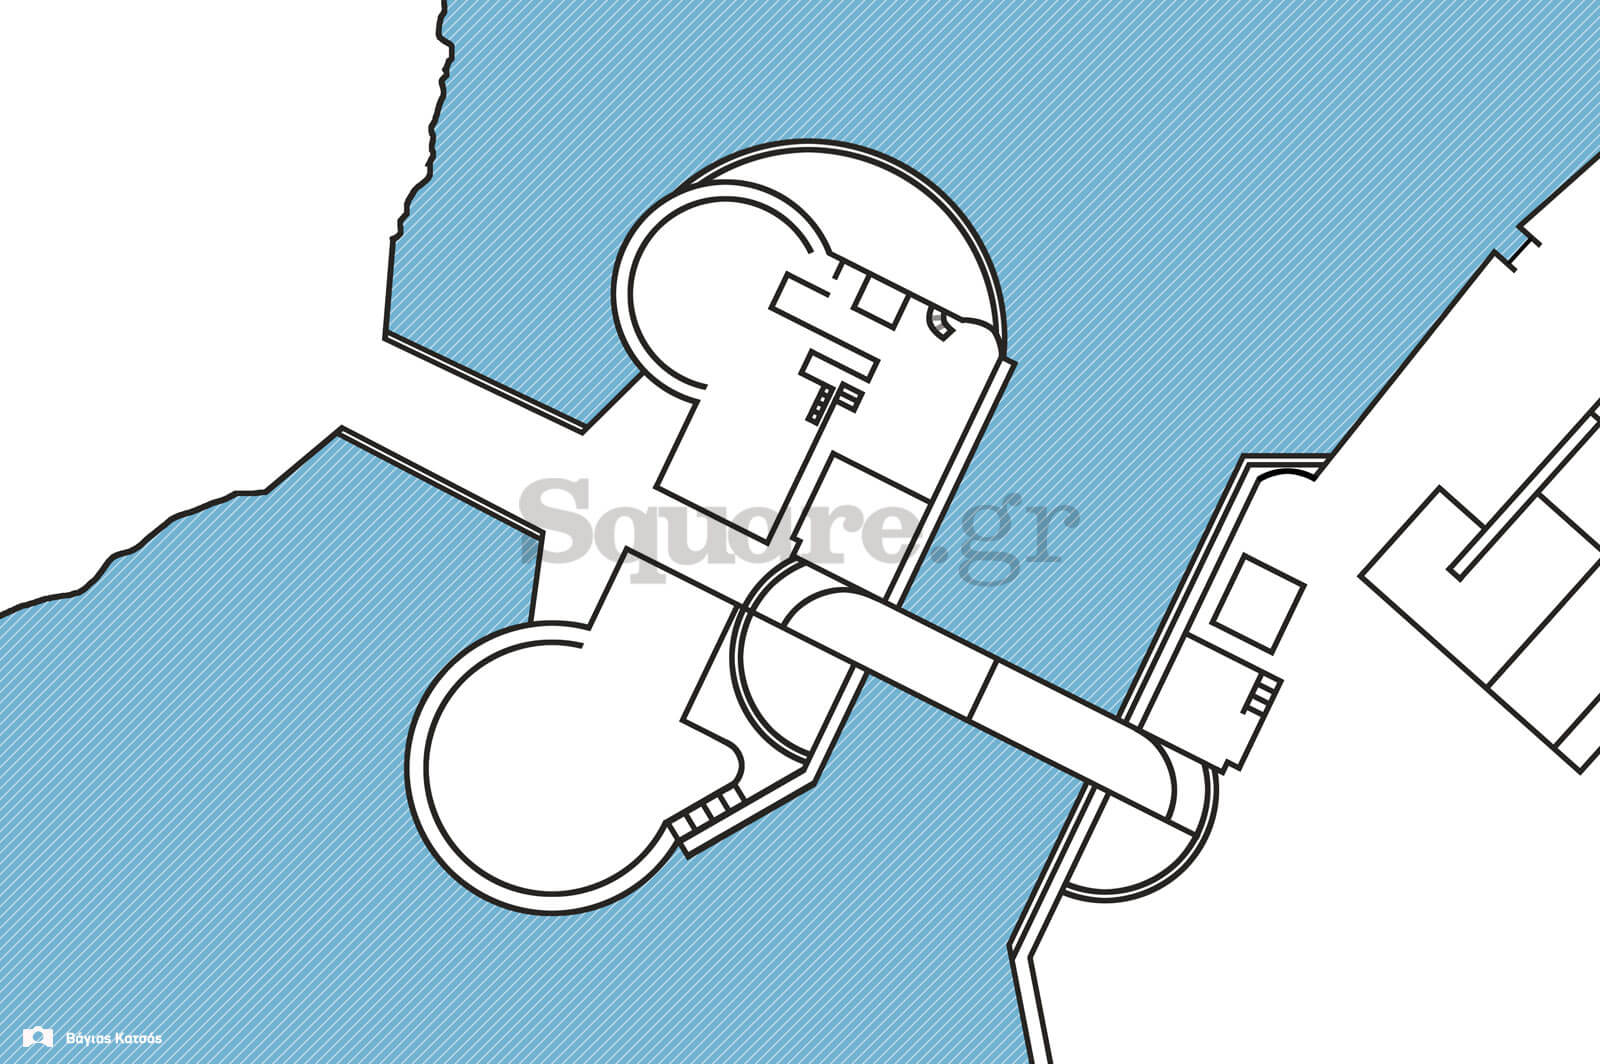 16-Κάτοψη-κάστρου-Ευρίπου-και-εκατέρωθεν-Οθωνικών-γεφυρώσεων,-βασισμένος-σε-βυθομετρικό-χάρτη-του-ναυάρχου-Αρθούρου-Μένσελ,-του-1860